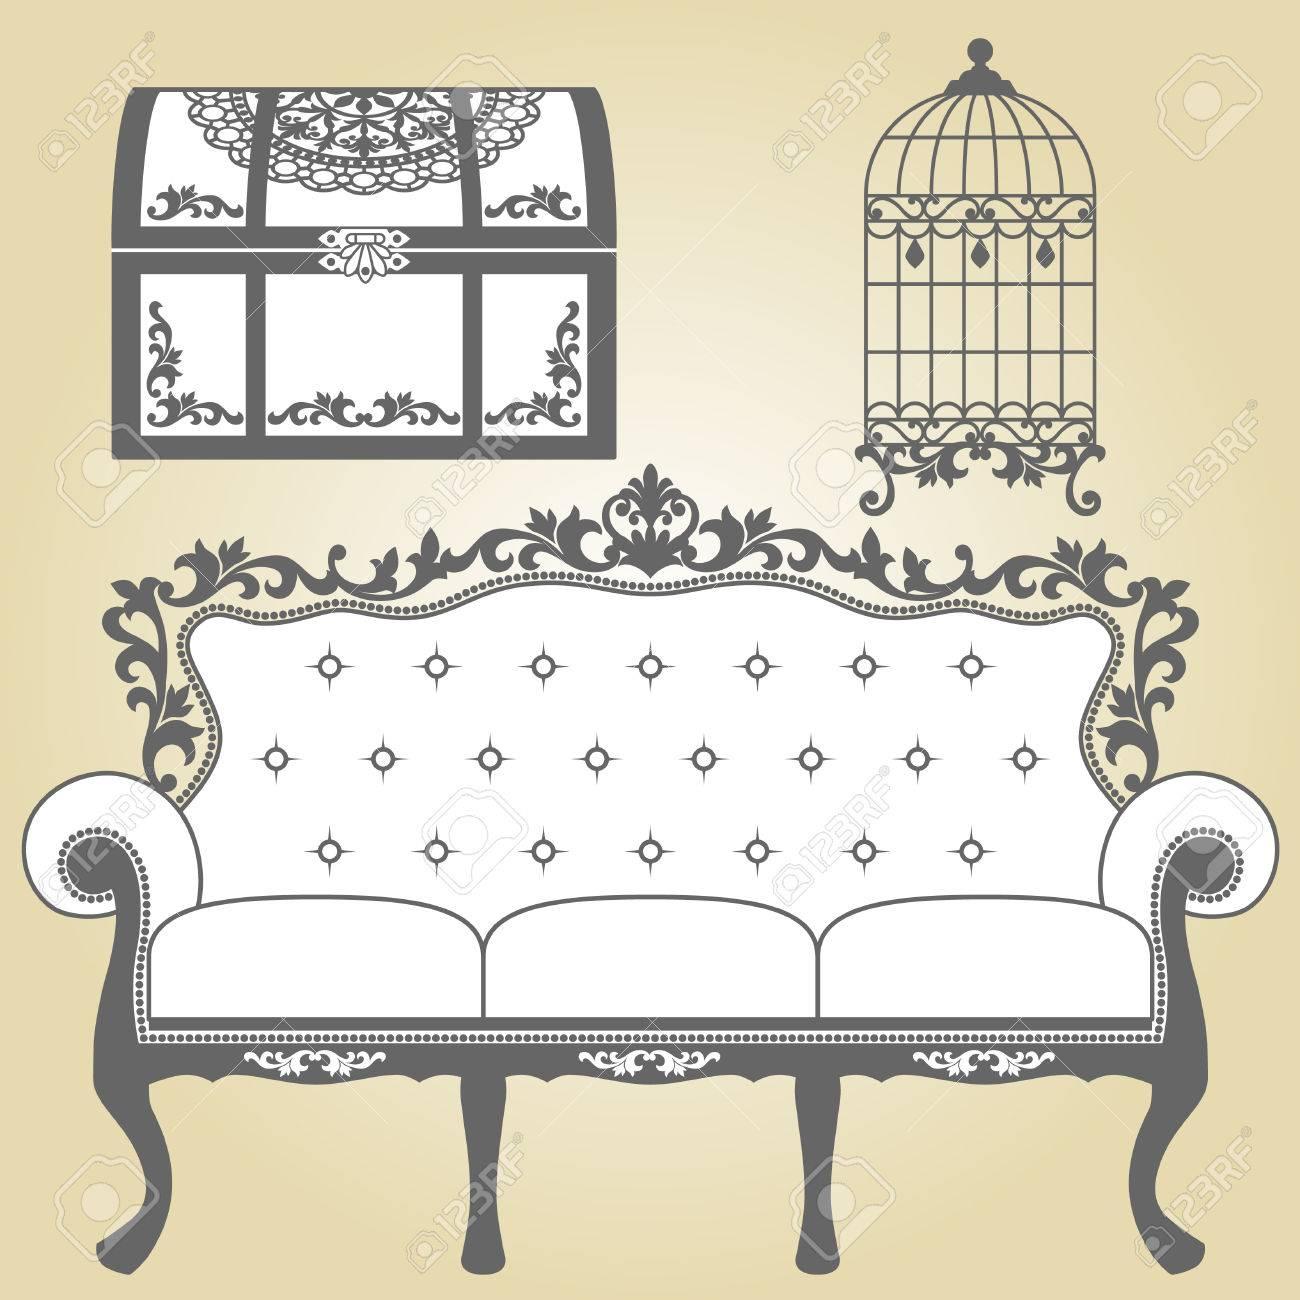 Vintage Sofa Vintage Bird Cage and Vintage Trunk Illustration sofa for vintage interior Illustration sofa for vintage interior Vintage bird cage designs in silhouette Vintage Trunk designs - 22612367